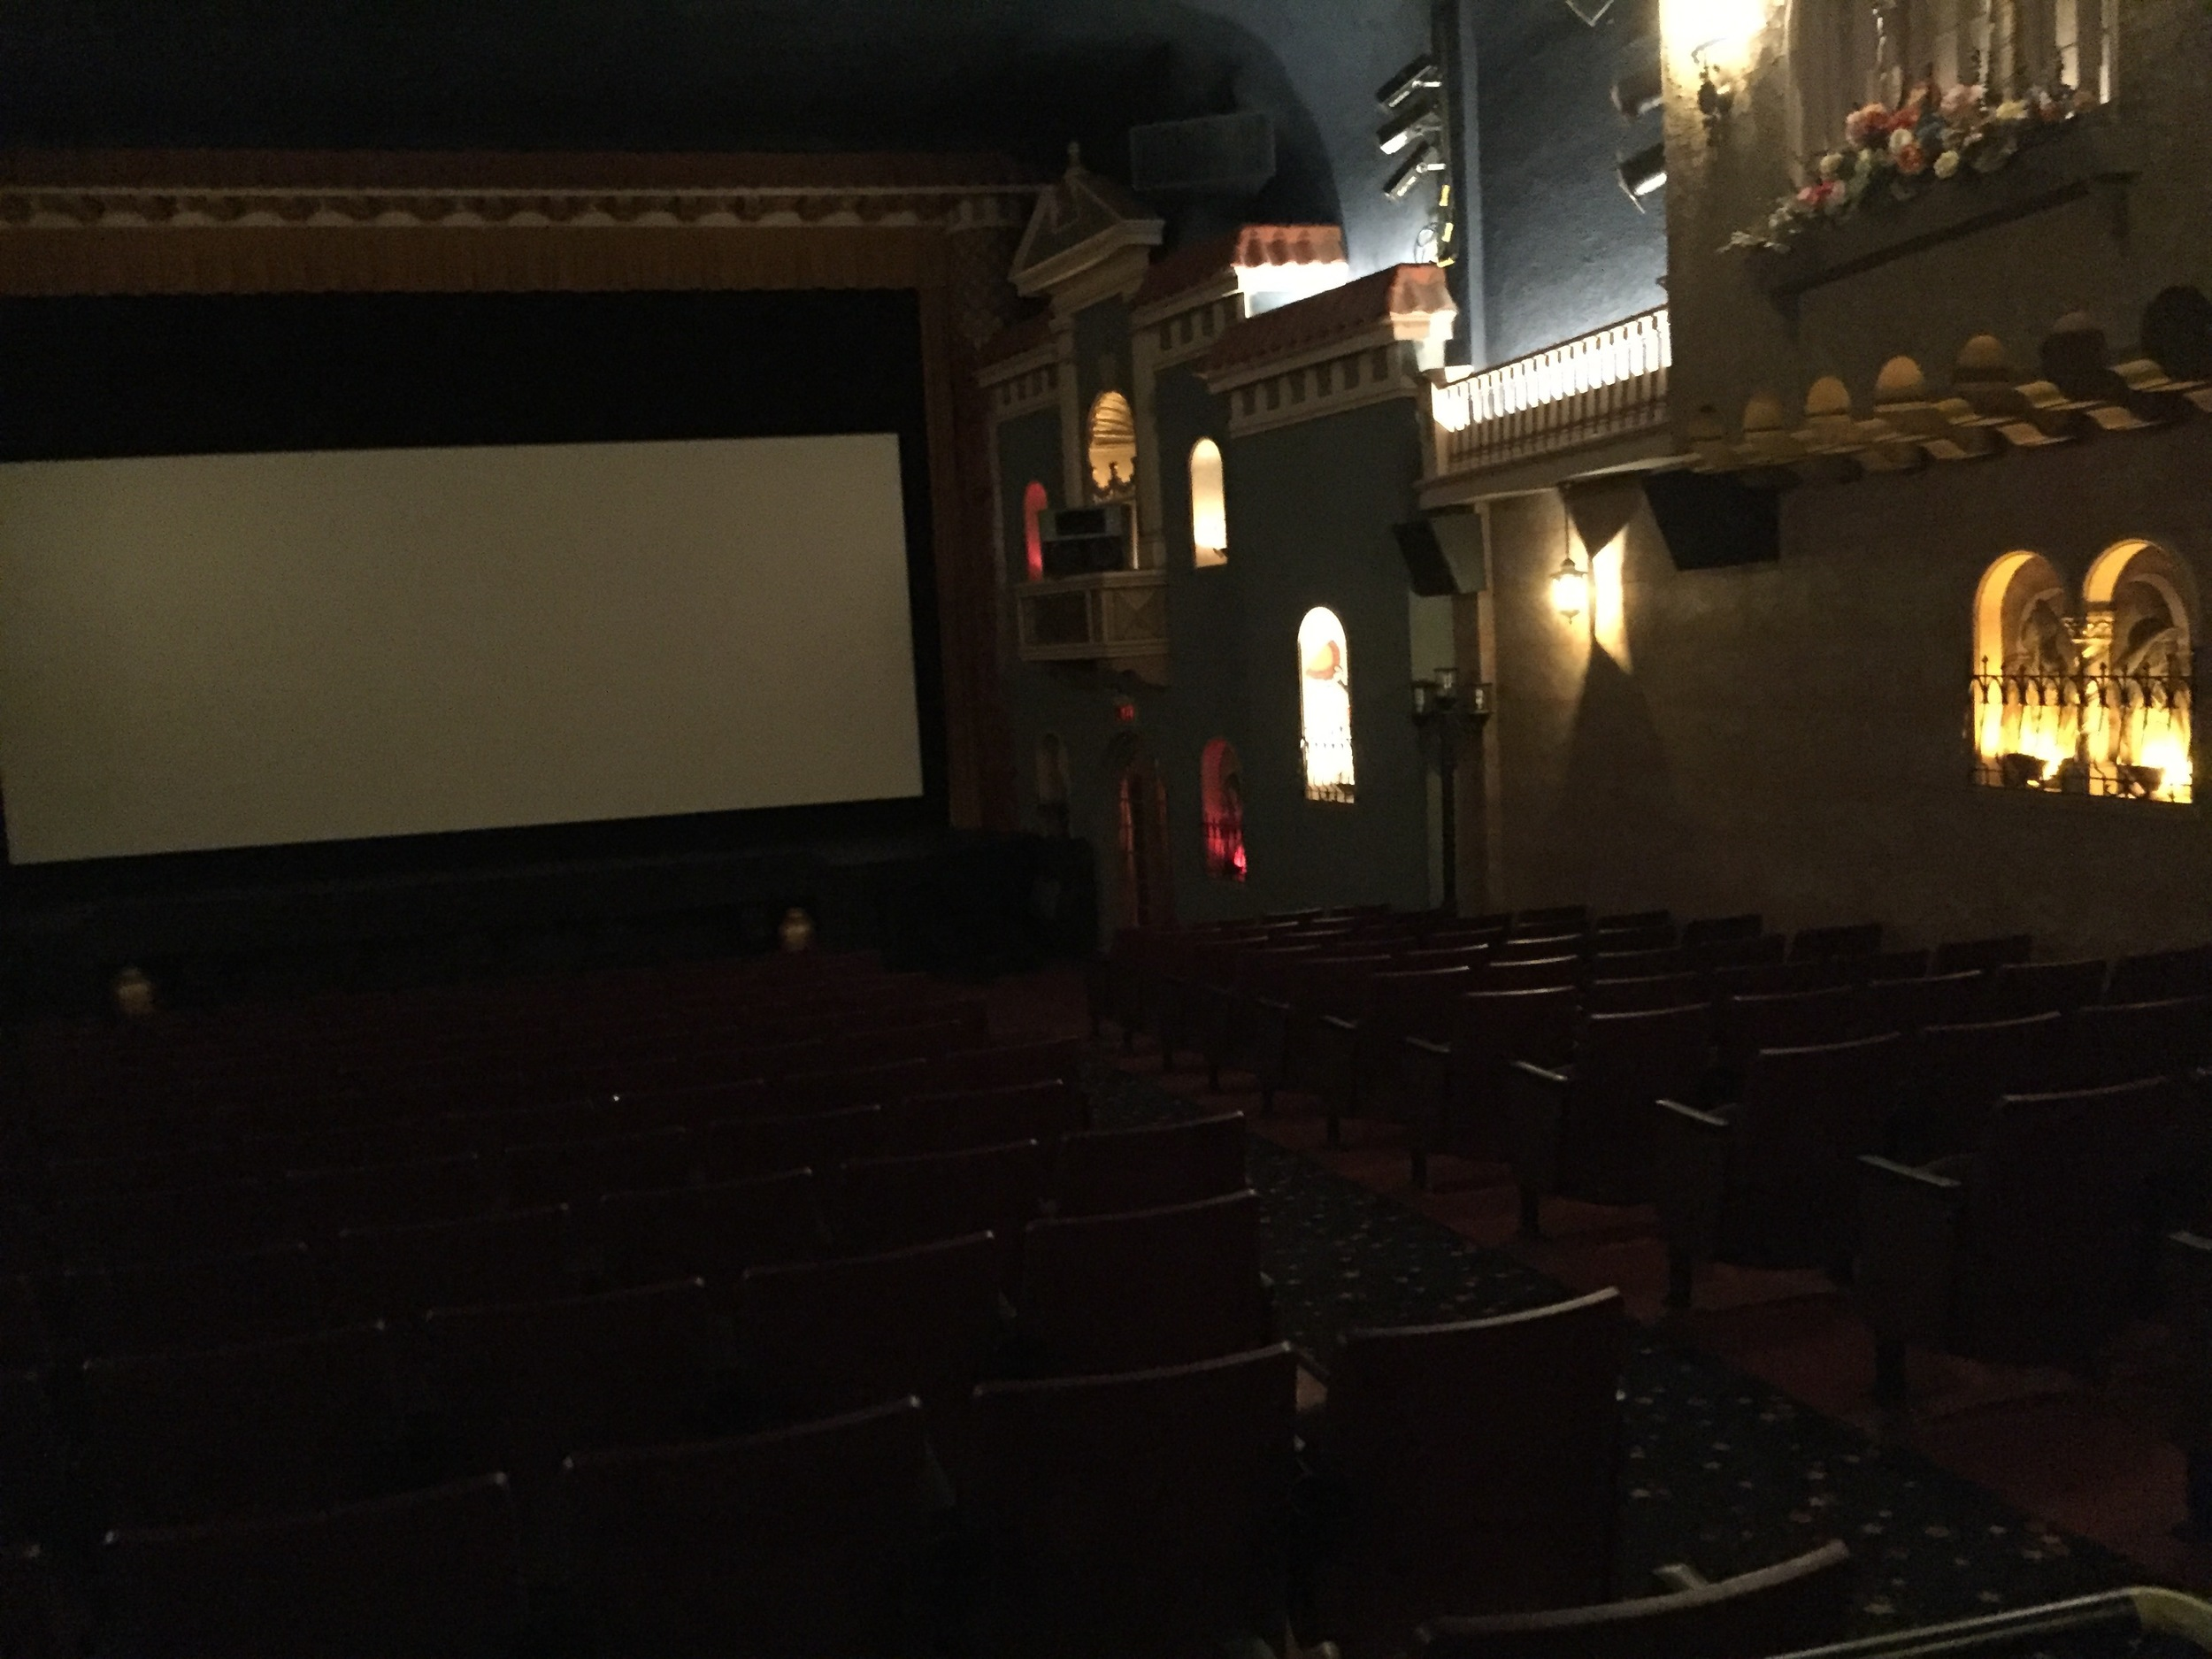 Interior of theatre...